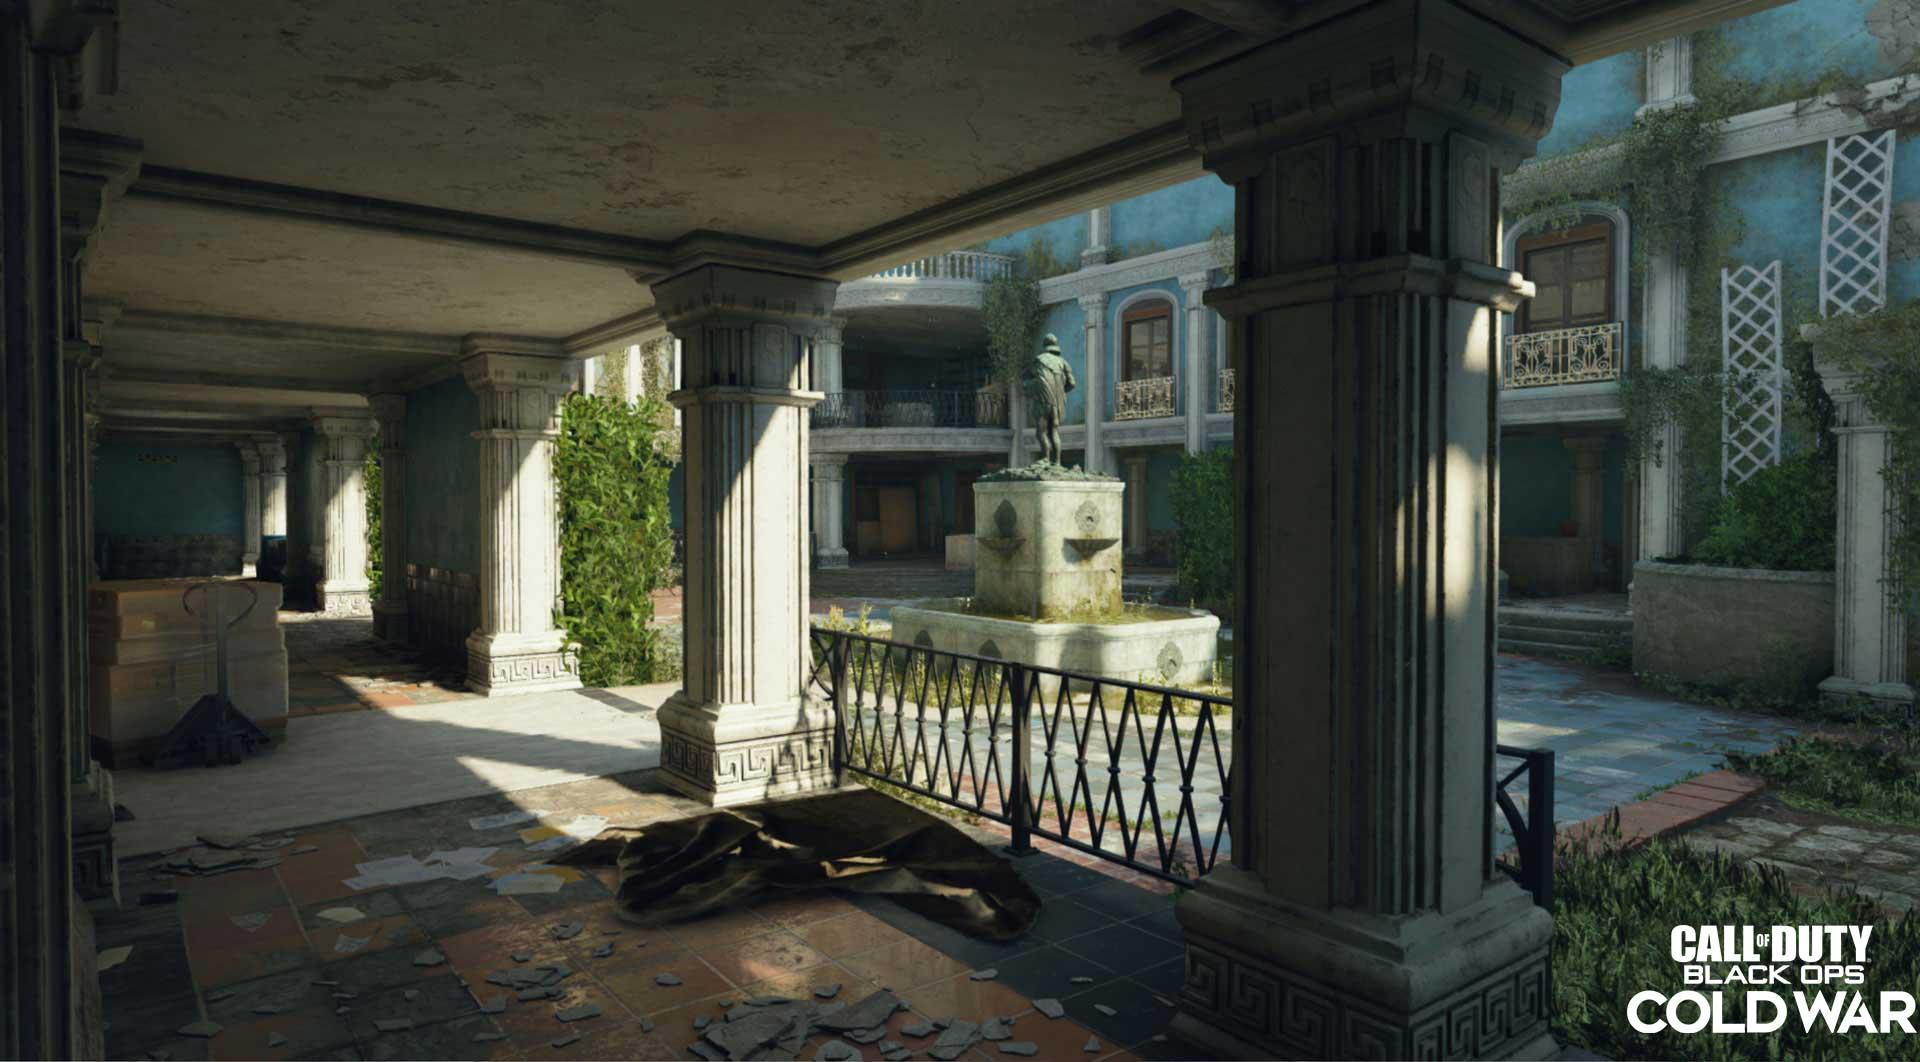 nuevo mapa de Call of Duty: Black Ops Cold War